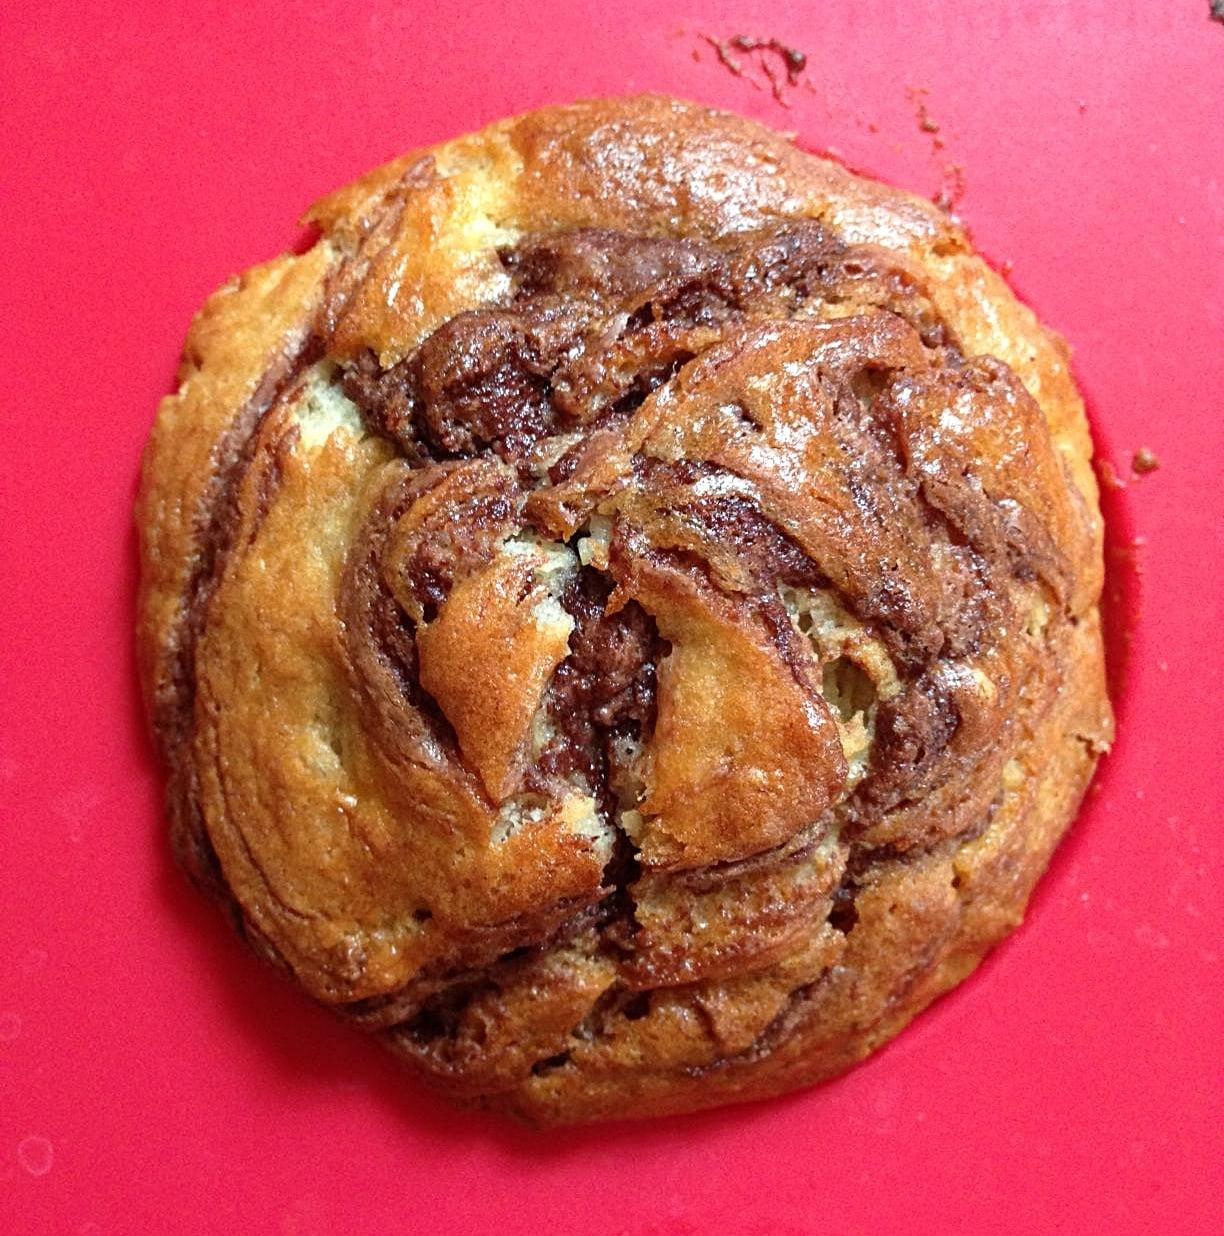 Banana nutella muffin